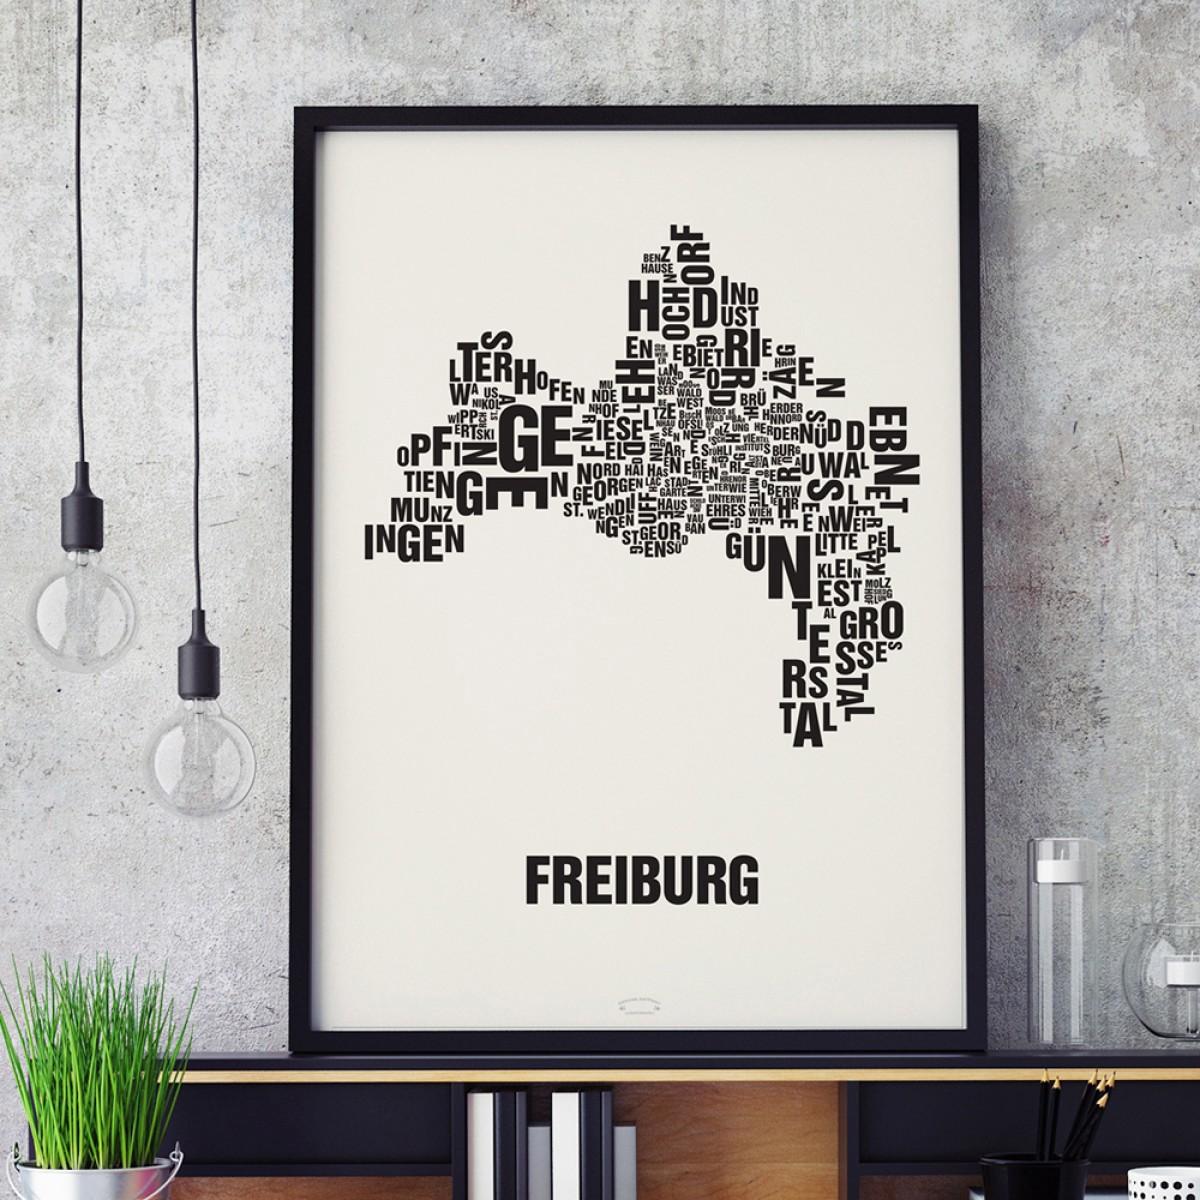 Buchstabenort Freiburg Stadtteile-Poster Typografie Siebdruck